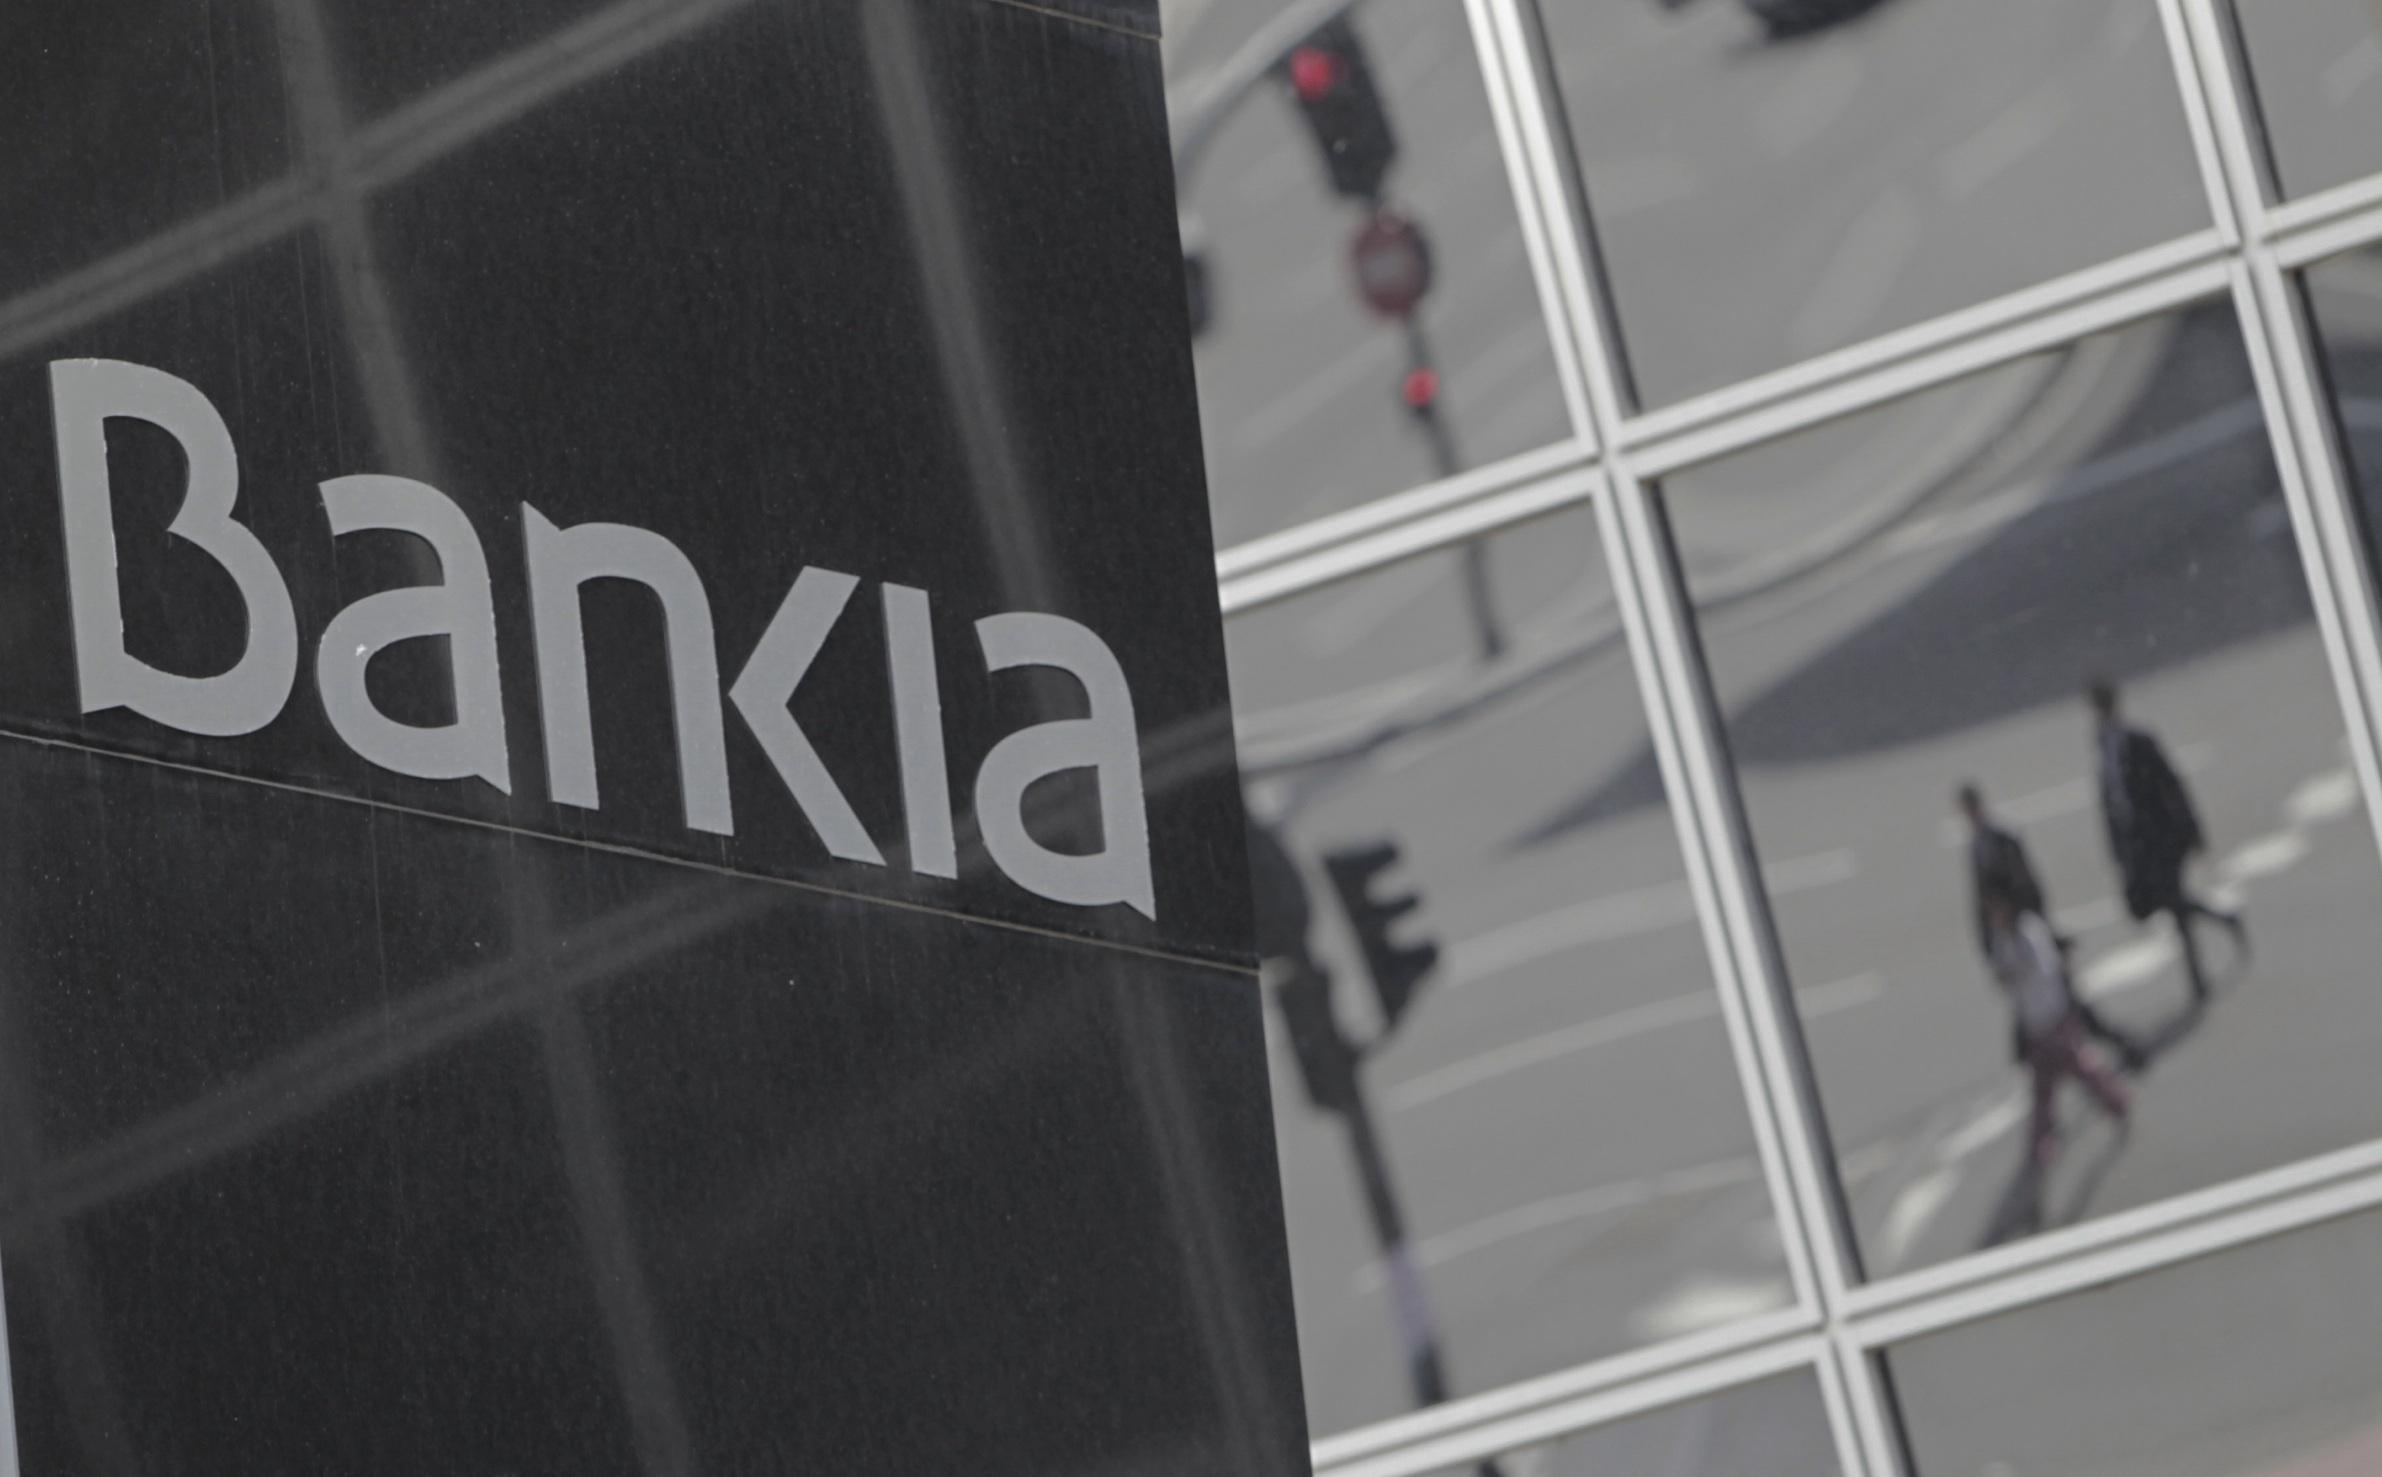 Los inversores institucionales extranjeros duplican su presencia en Bankia